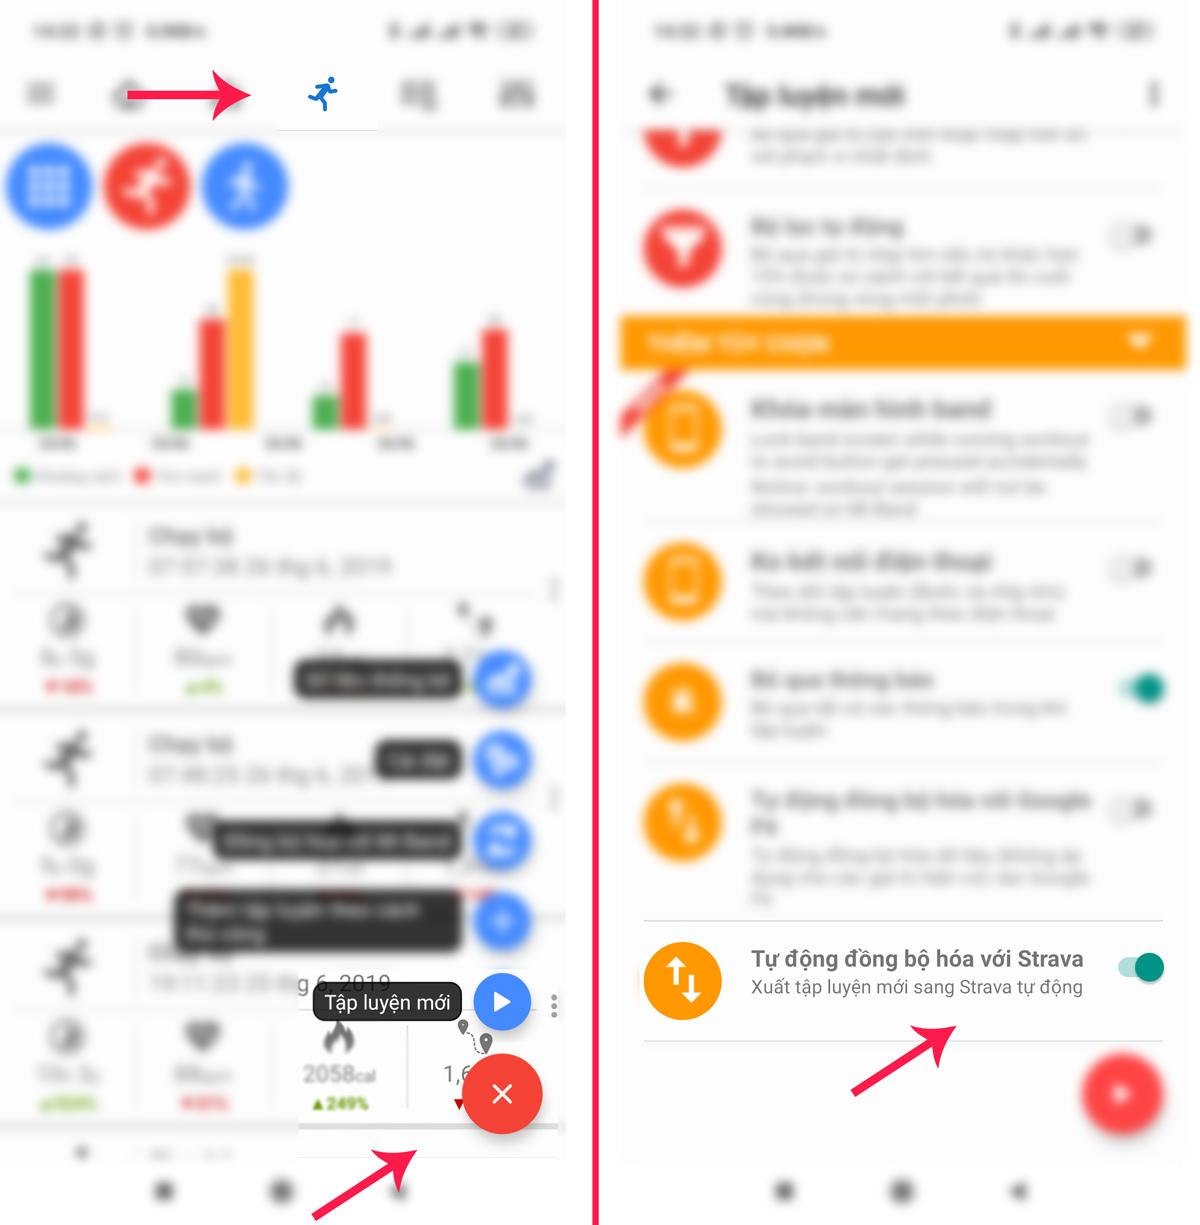 Hướng dẫn kết nối Xiaomi Mi Band và với Strava